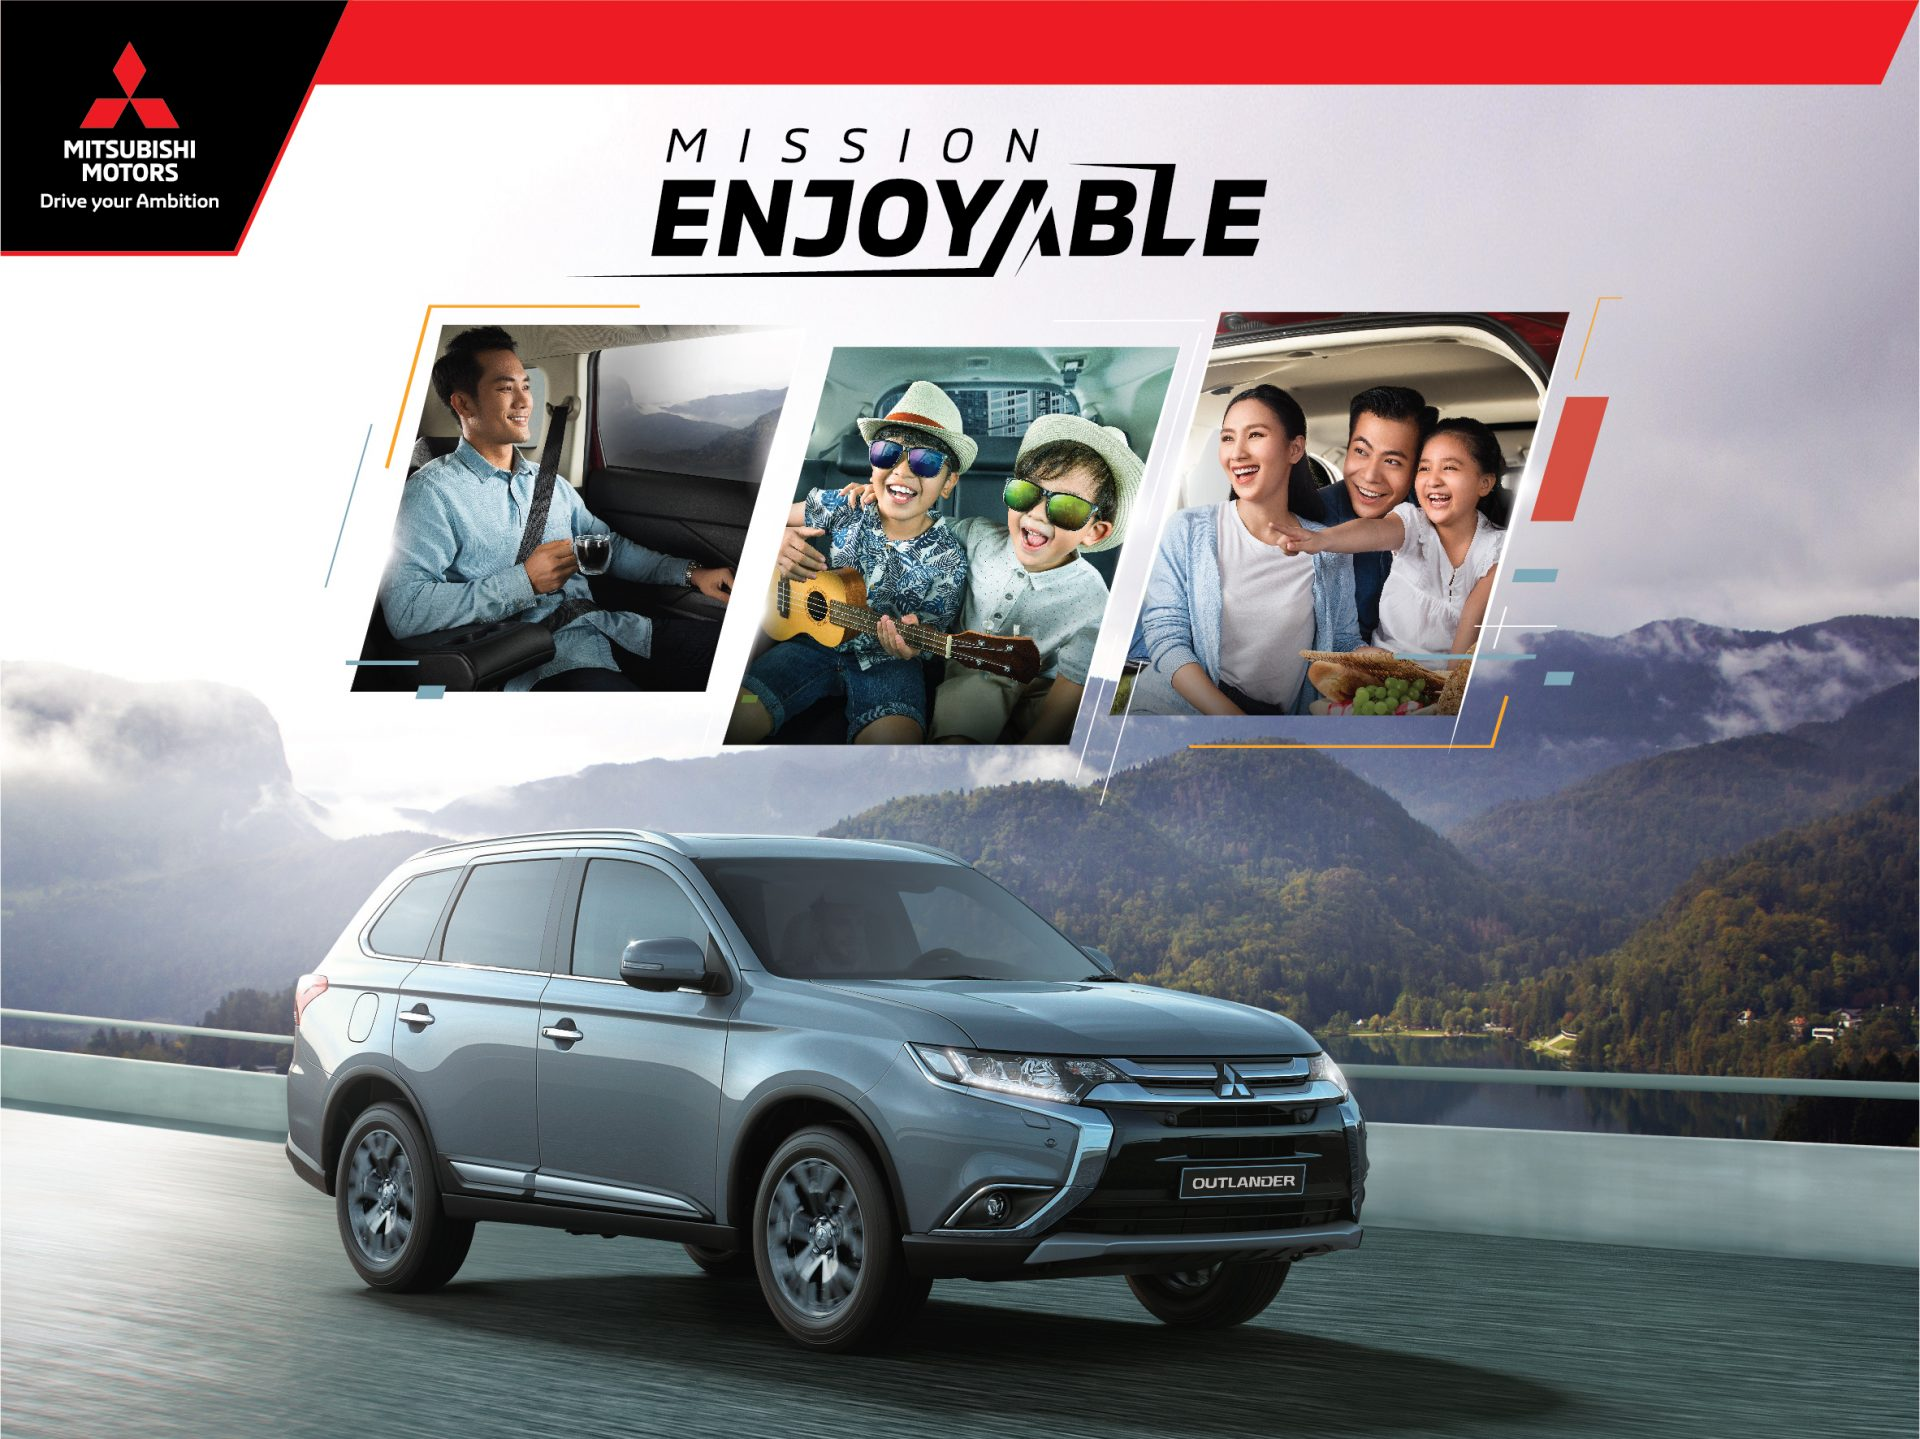 Hành trình Caravan – Tận hưởng trong niềm vui thích cùng Mitsubishi Outlander